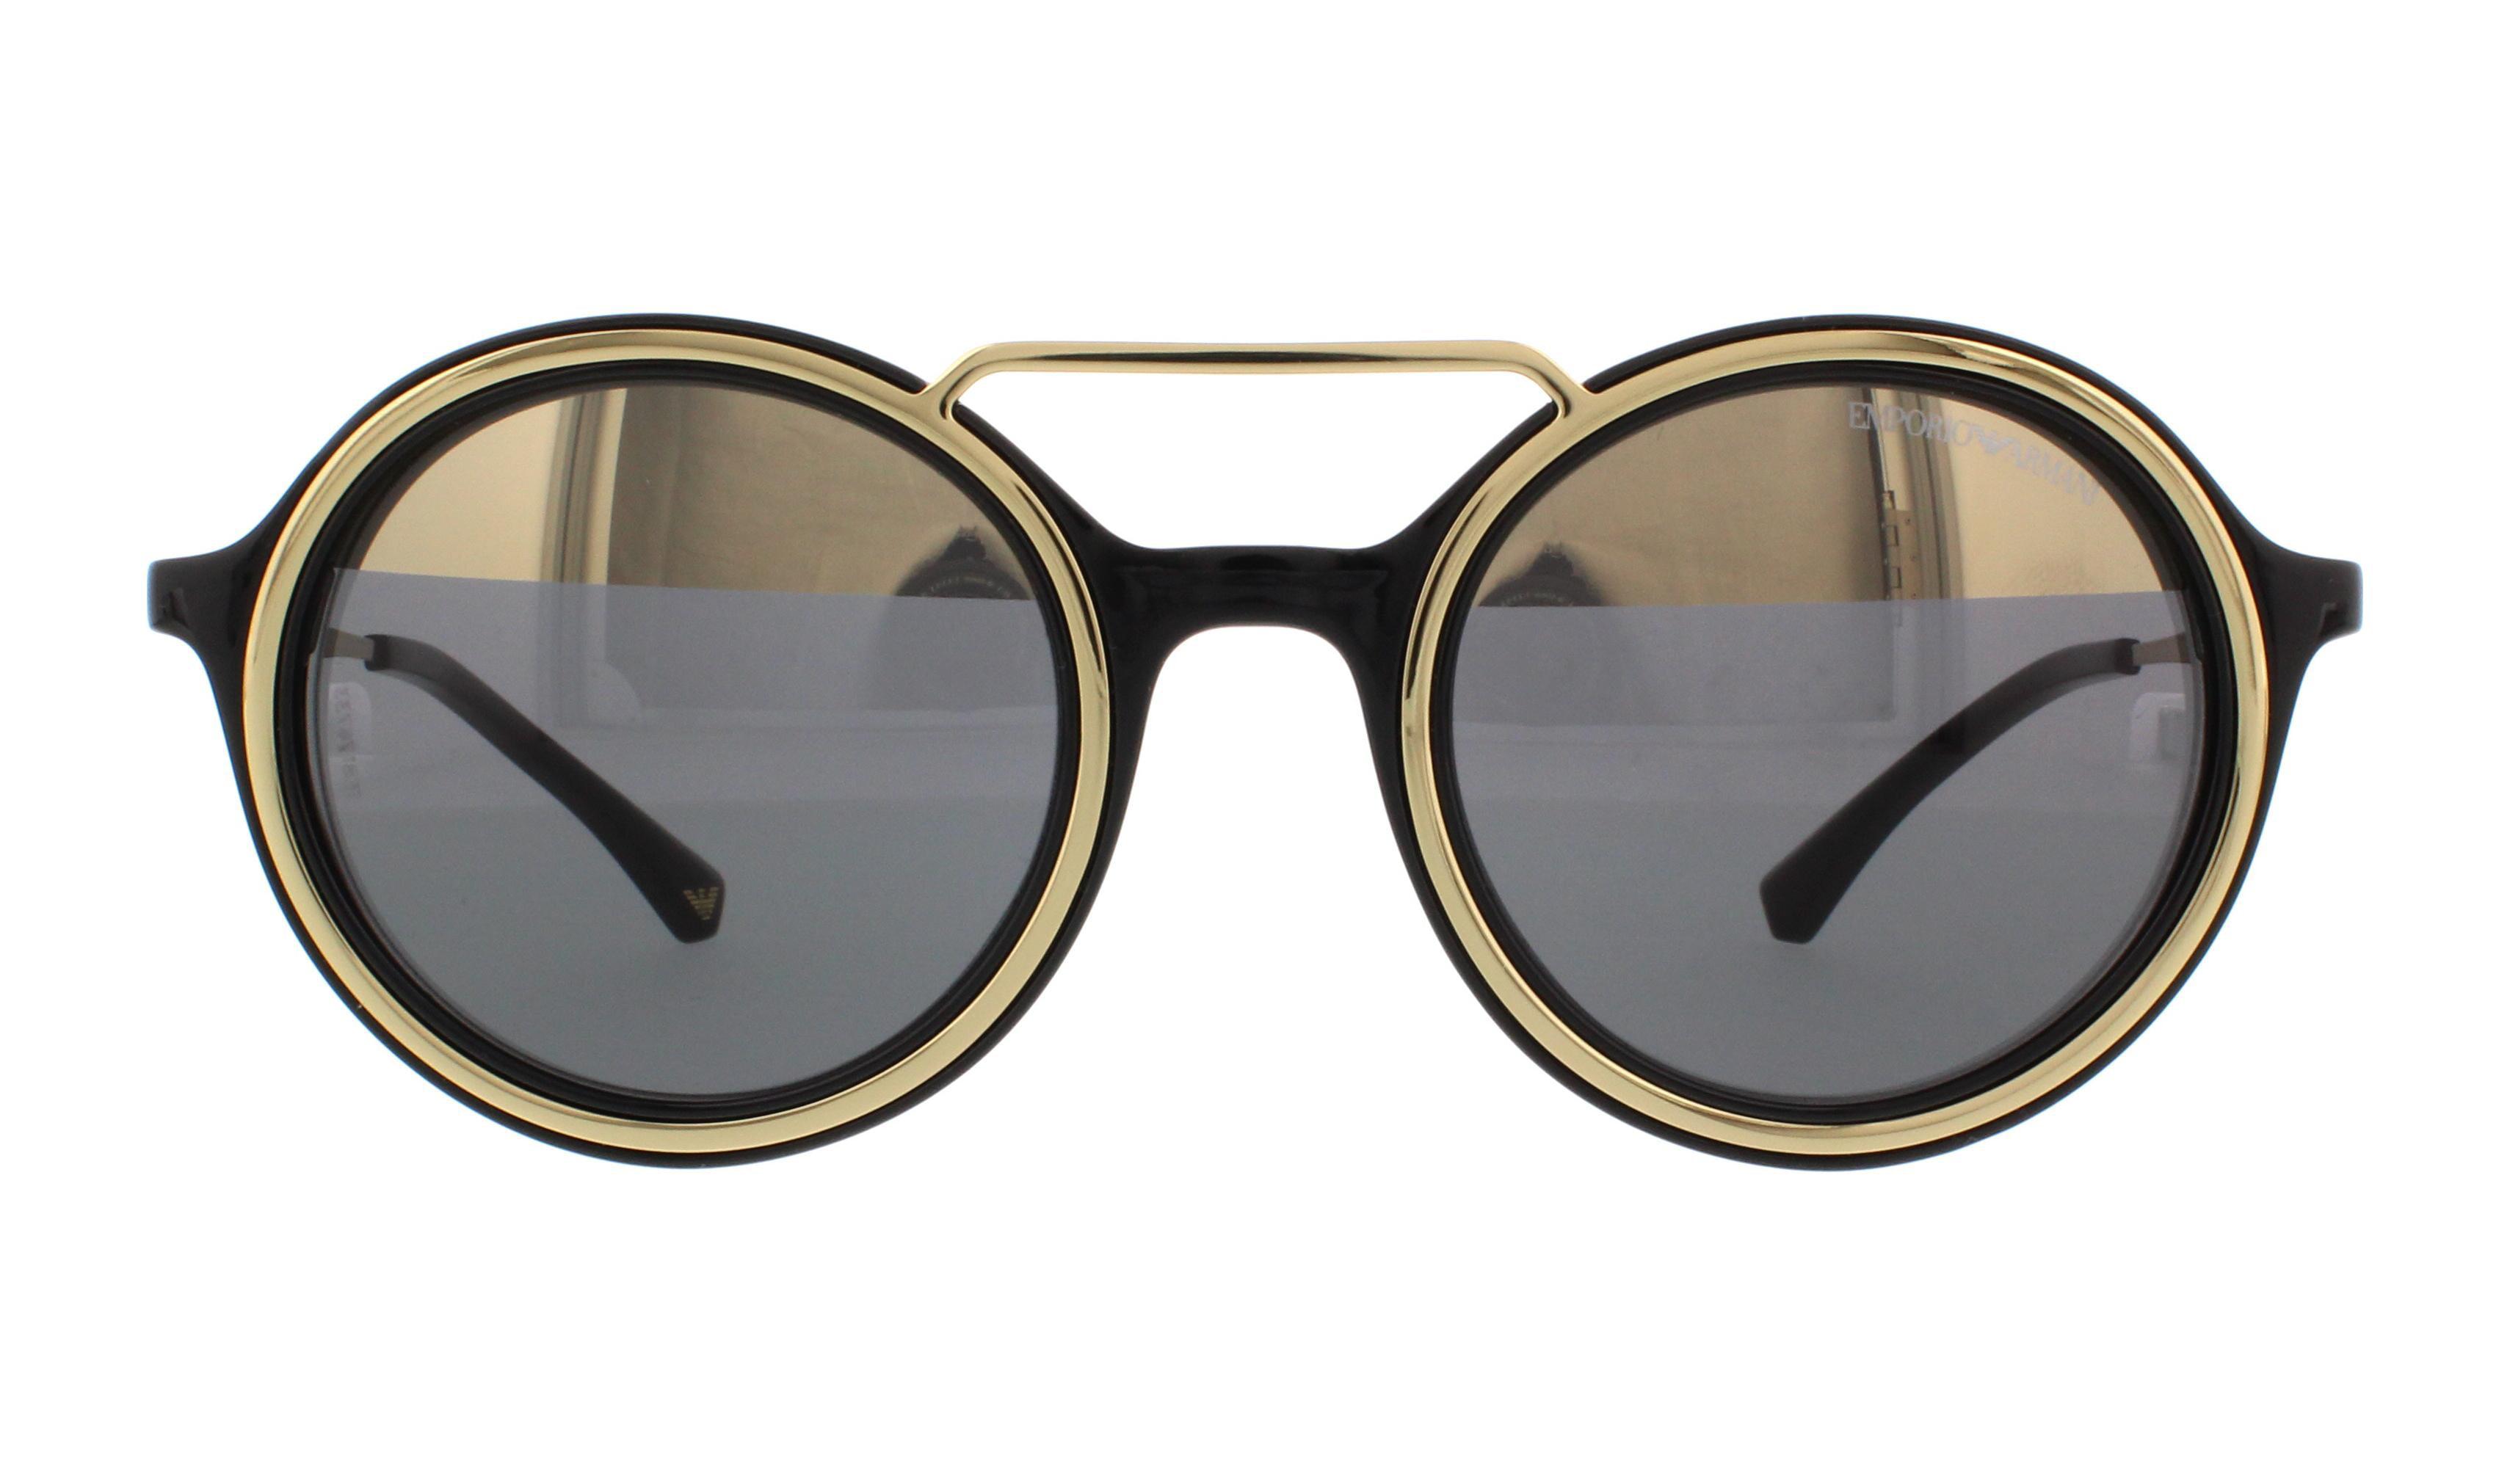 13727b5fe38c EMPORIO ARMANI Sunglasses EA 4062 50171Z Black/Pale Gold 49MM - Walmart.com